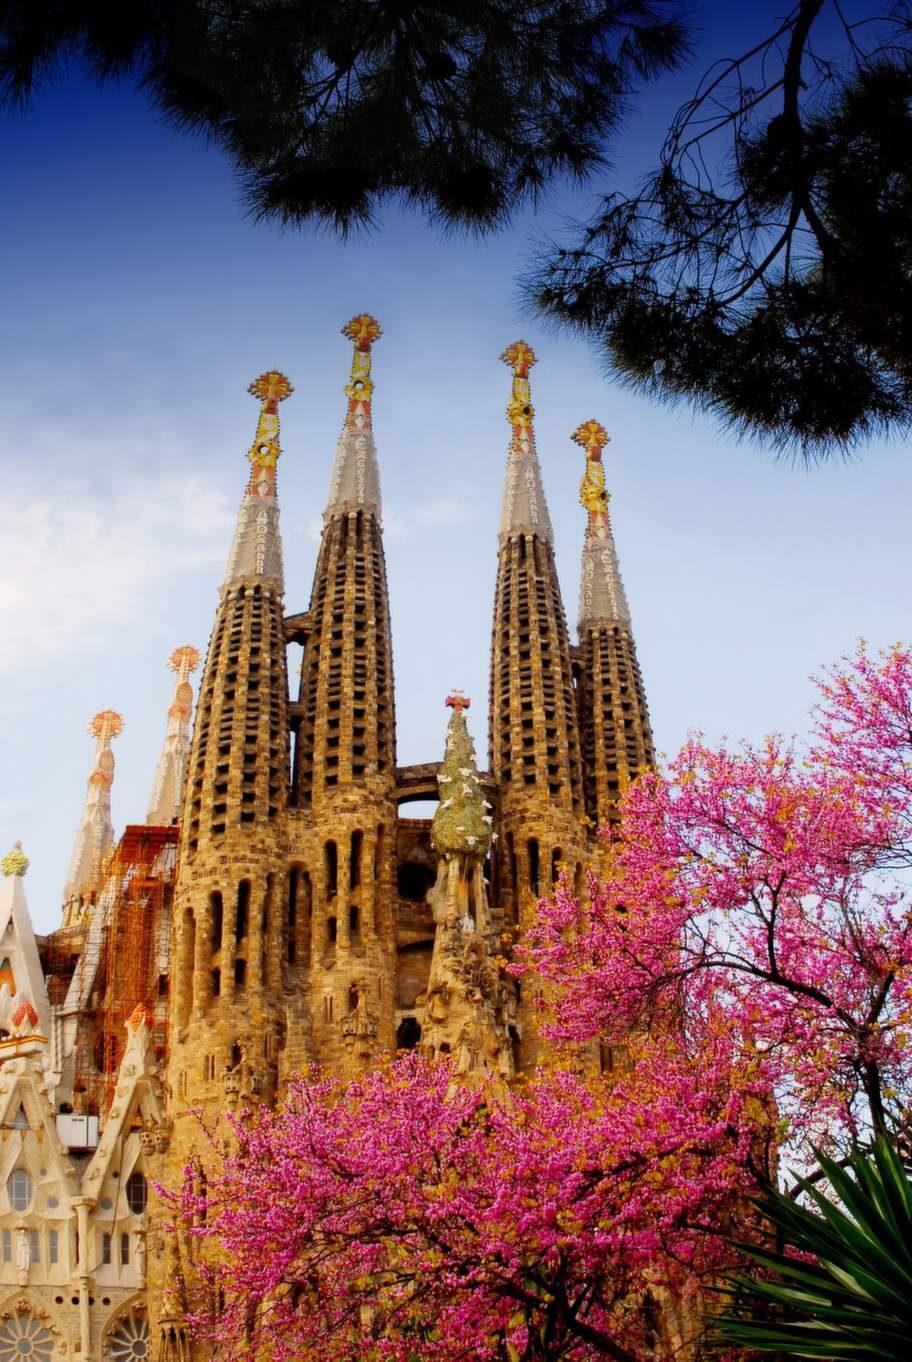 Den efter 80 år ännu ej färdigbyggda kyrkan Sagrada Familia är Antoni Gaudís främsta verk.